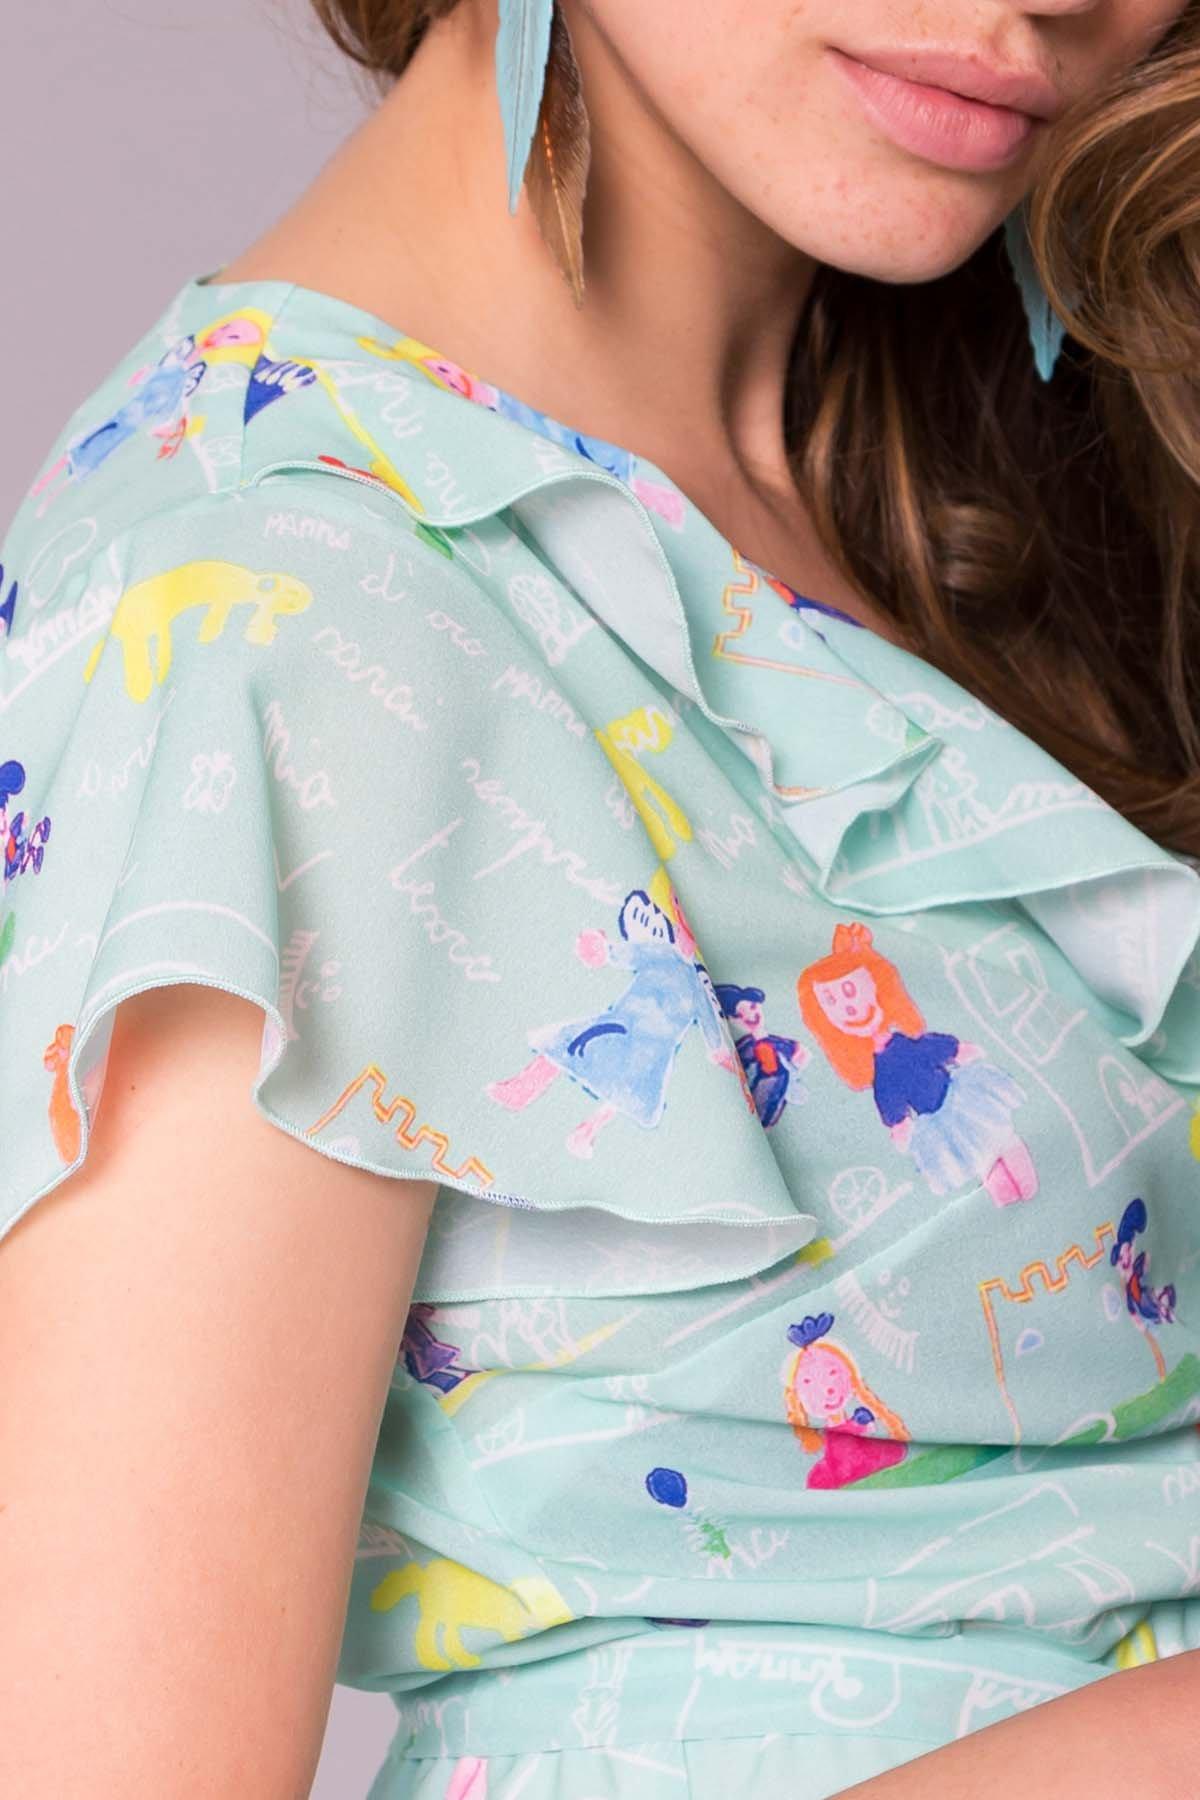 Платье Лигра 7096 АРТ. 42523 Цвет: Мята Детские рисунки 14/2 - фото 5, интернет магазин tm-modus.ru